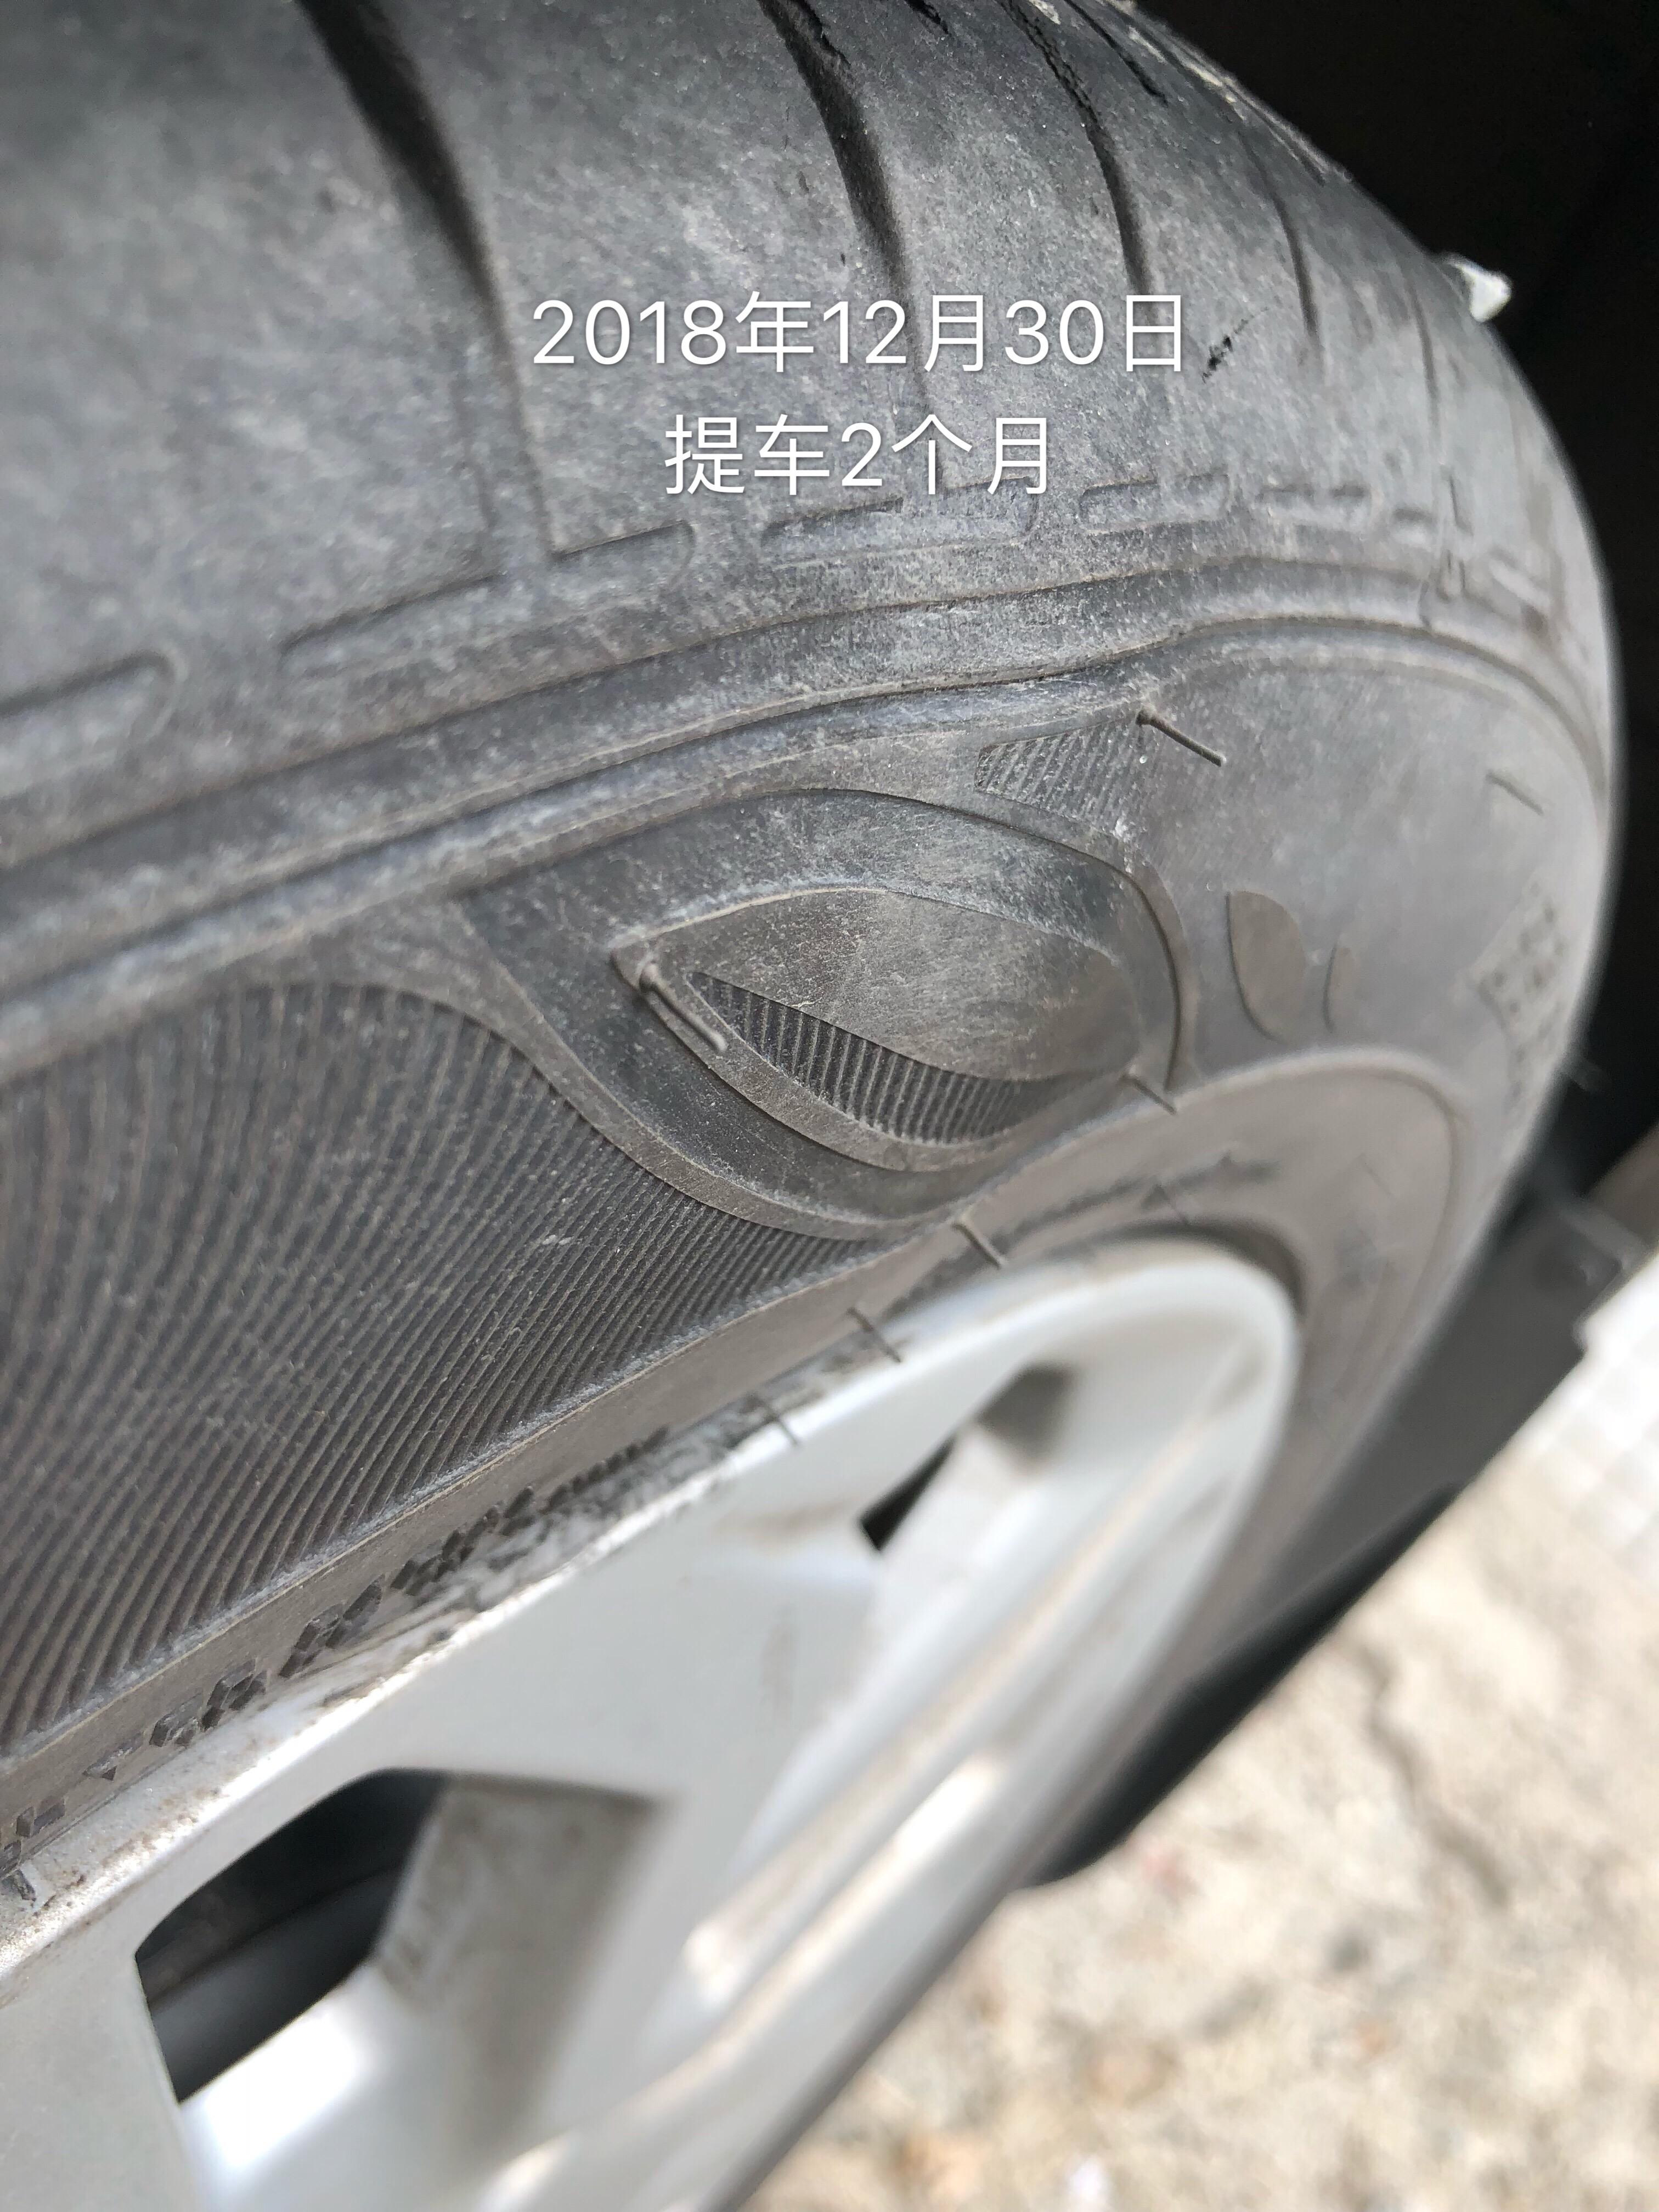 本田-飞度 提车2个月轮胎鼓包2次